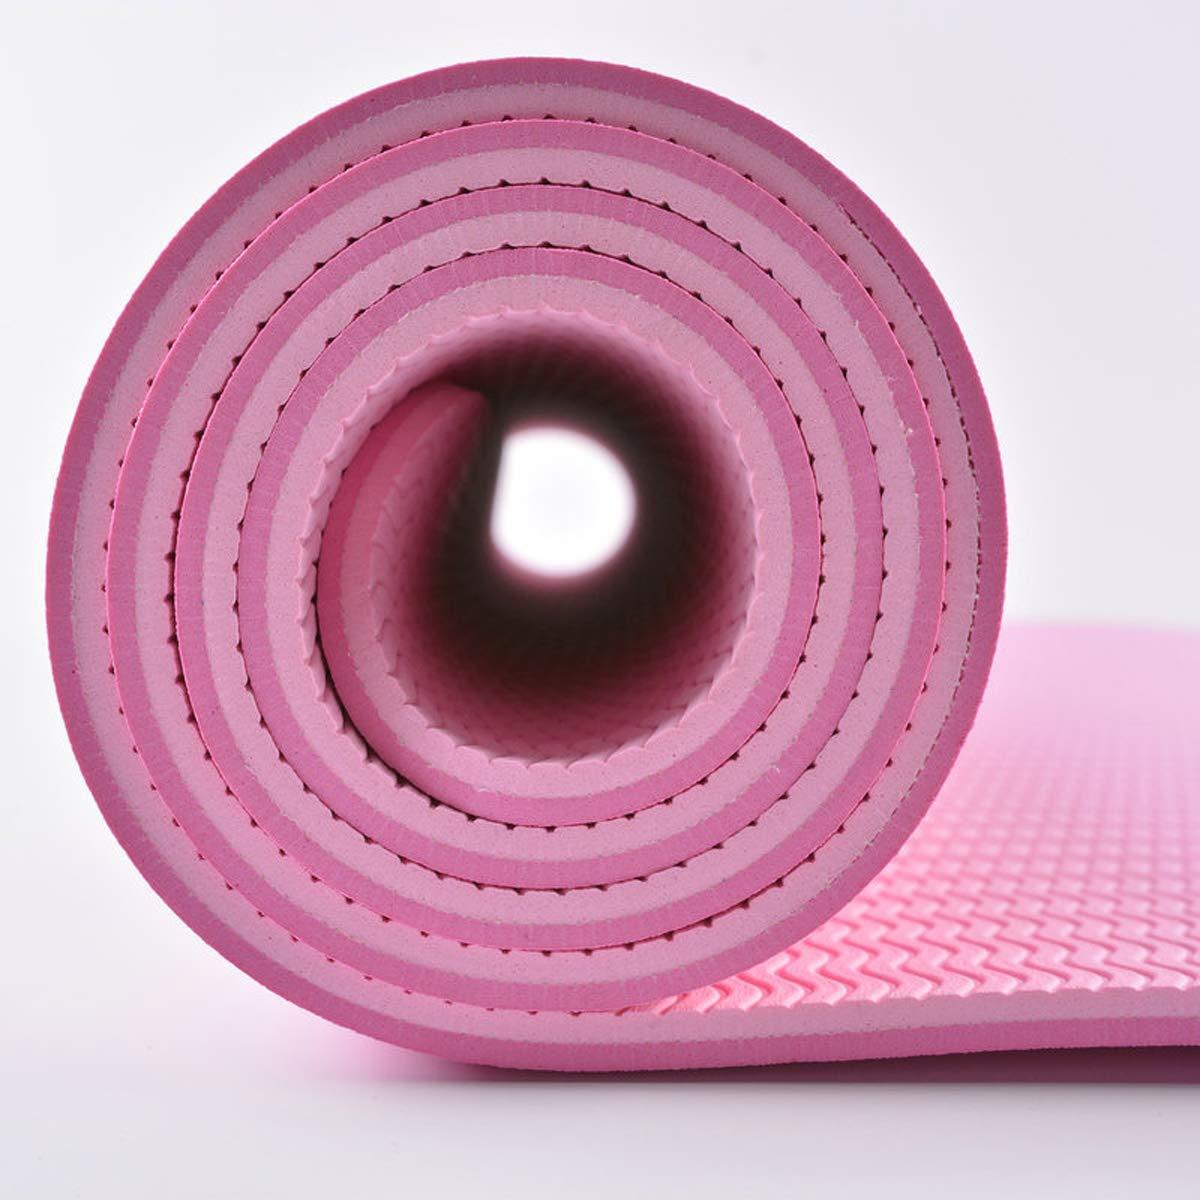 GAOFL Tappetino per Yoga in Tinta Unita con Tappetino Yoga 6mm Mat